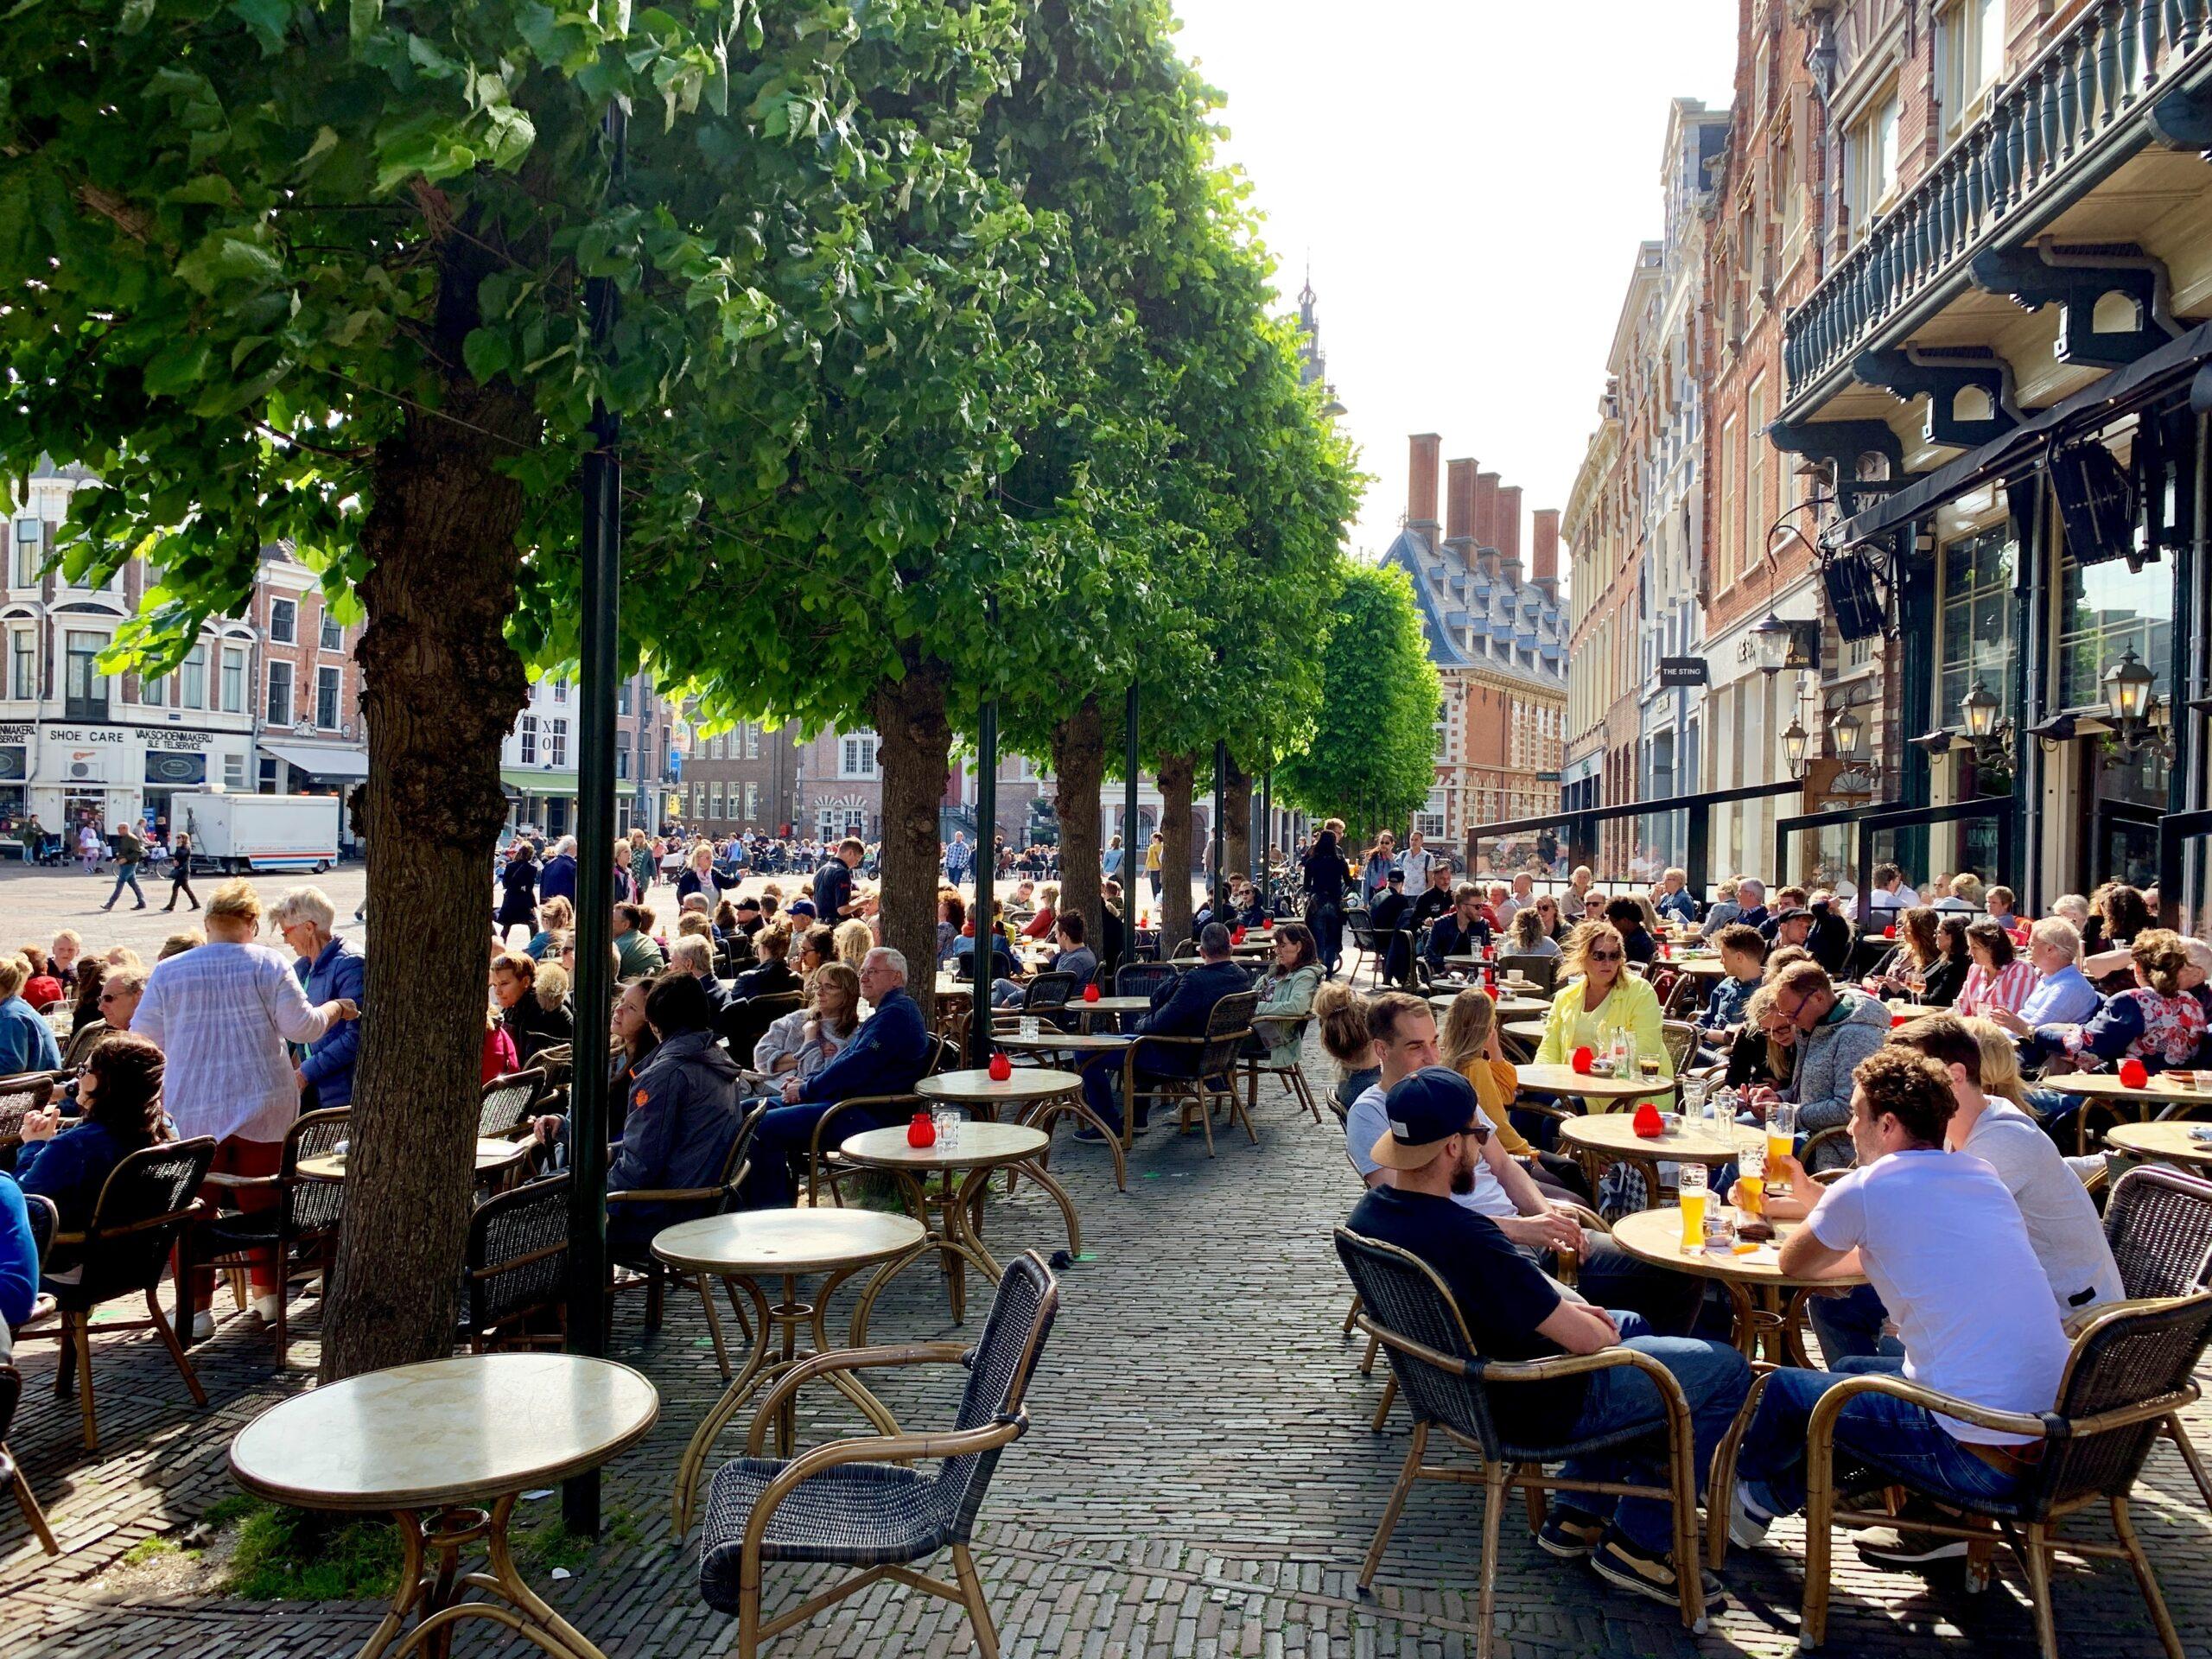 Marktplatz in Haarlem, Nord-Holland: Kann Europa seine Eigenständigkeit und Lebensart auch im digitalen Raum kultivieren?